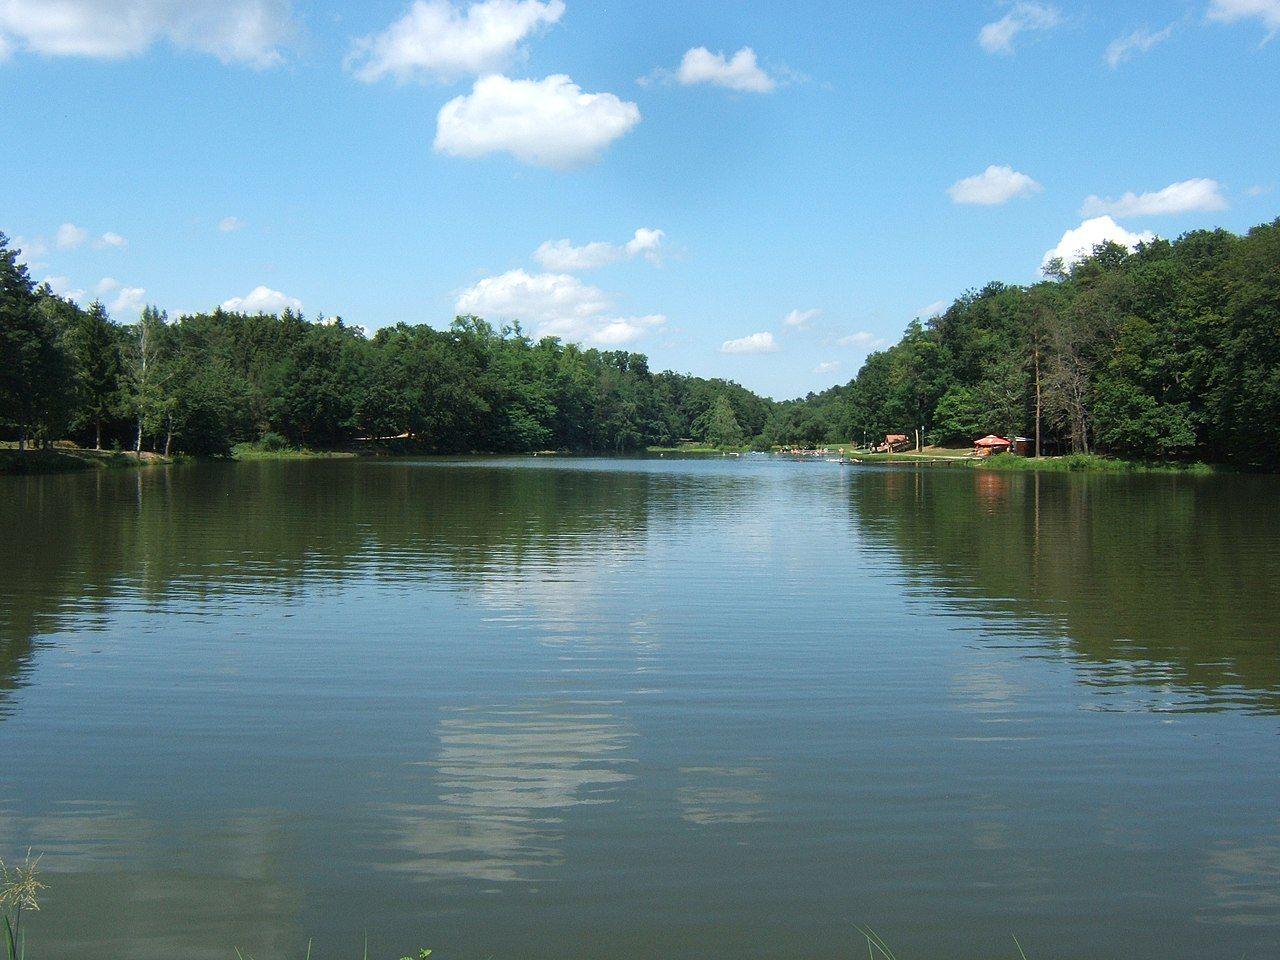 Nagyszerű hazai tavak, ahol fürdeni is lehet